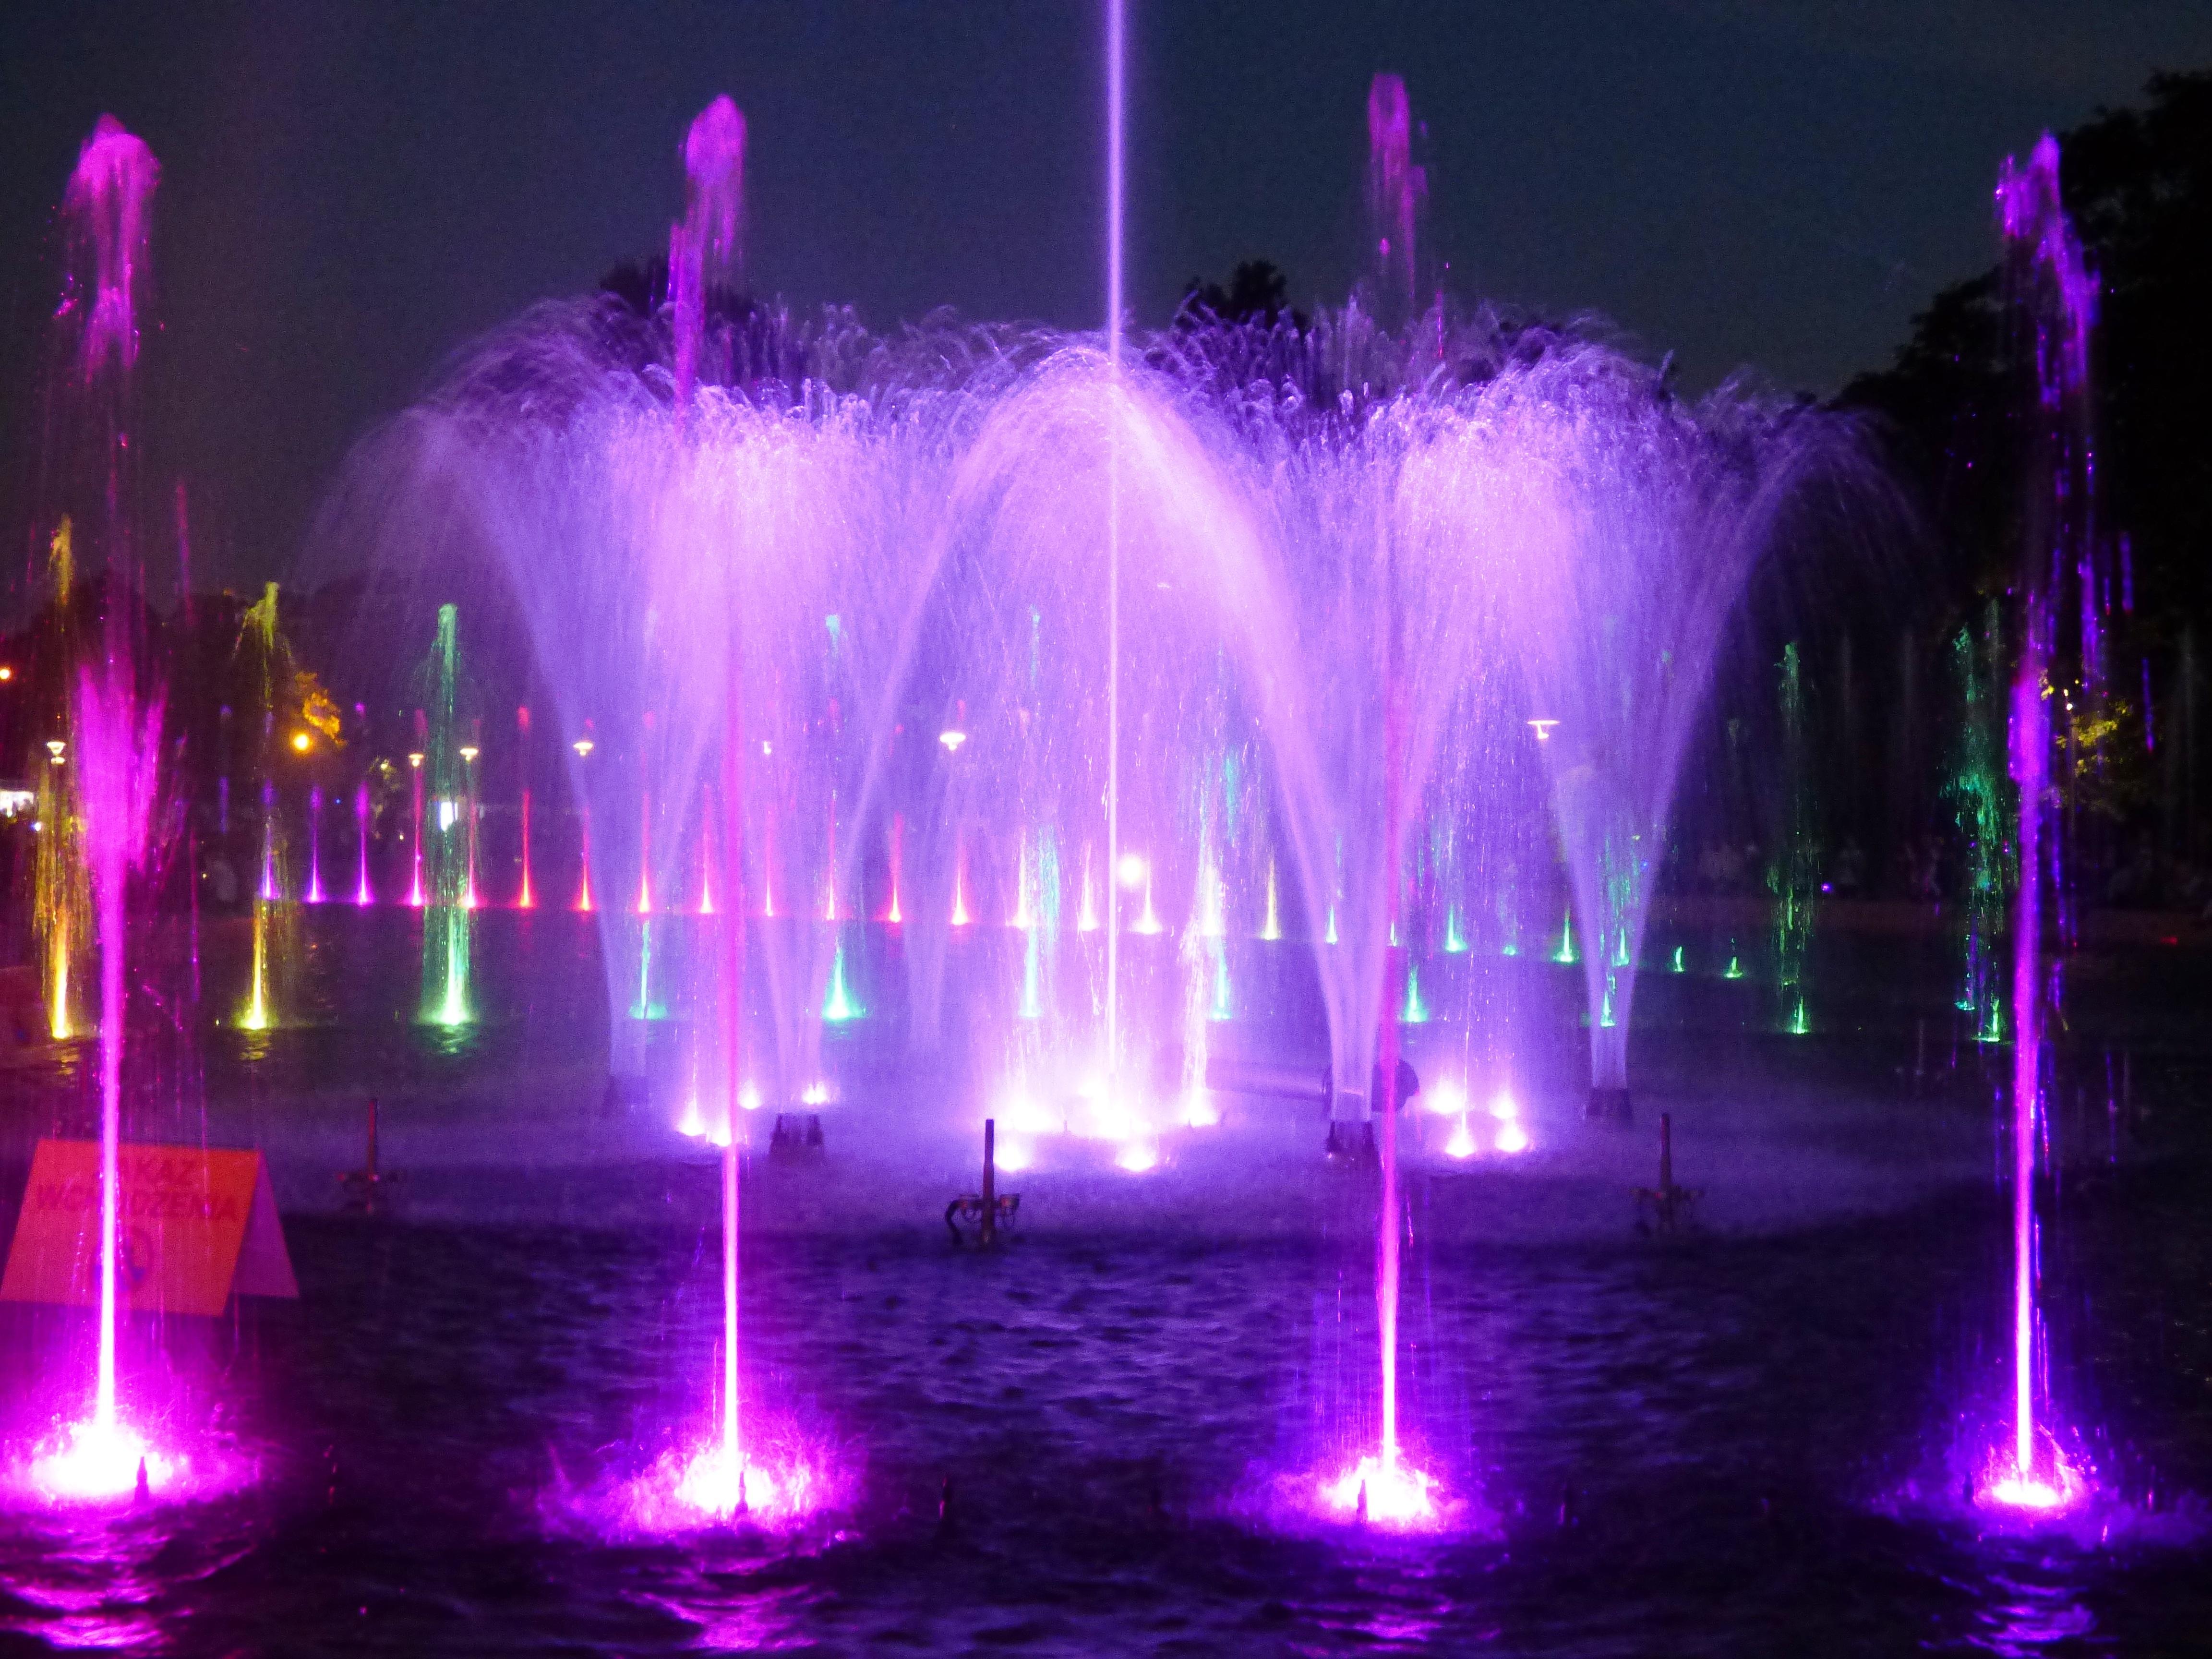 images gratuites lumi re nuit humide laser fontaine caract ristique de l 39 eau. Black Bedroom Furniture Sets. Home Design Ideas